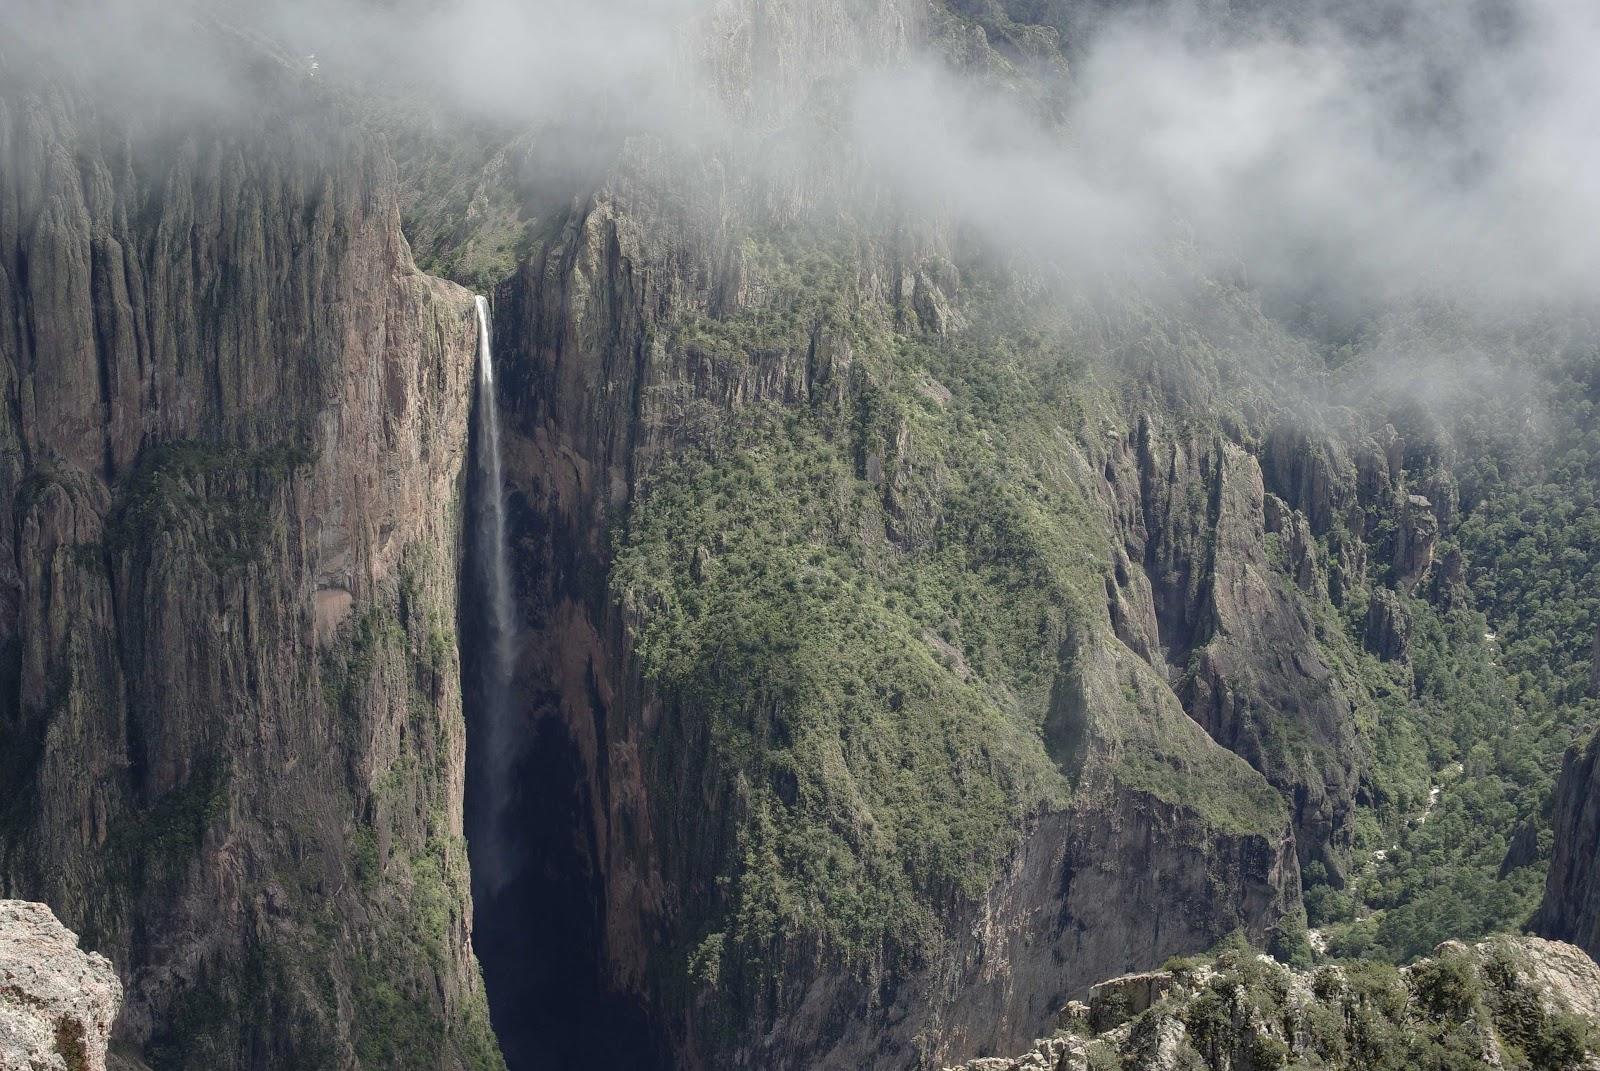 Cascada de piedra volada cataratas del mundo for Cascadas de piedra